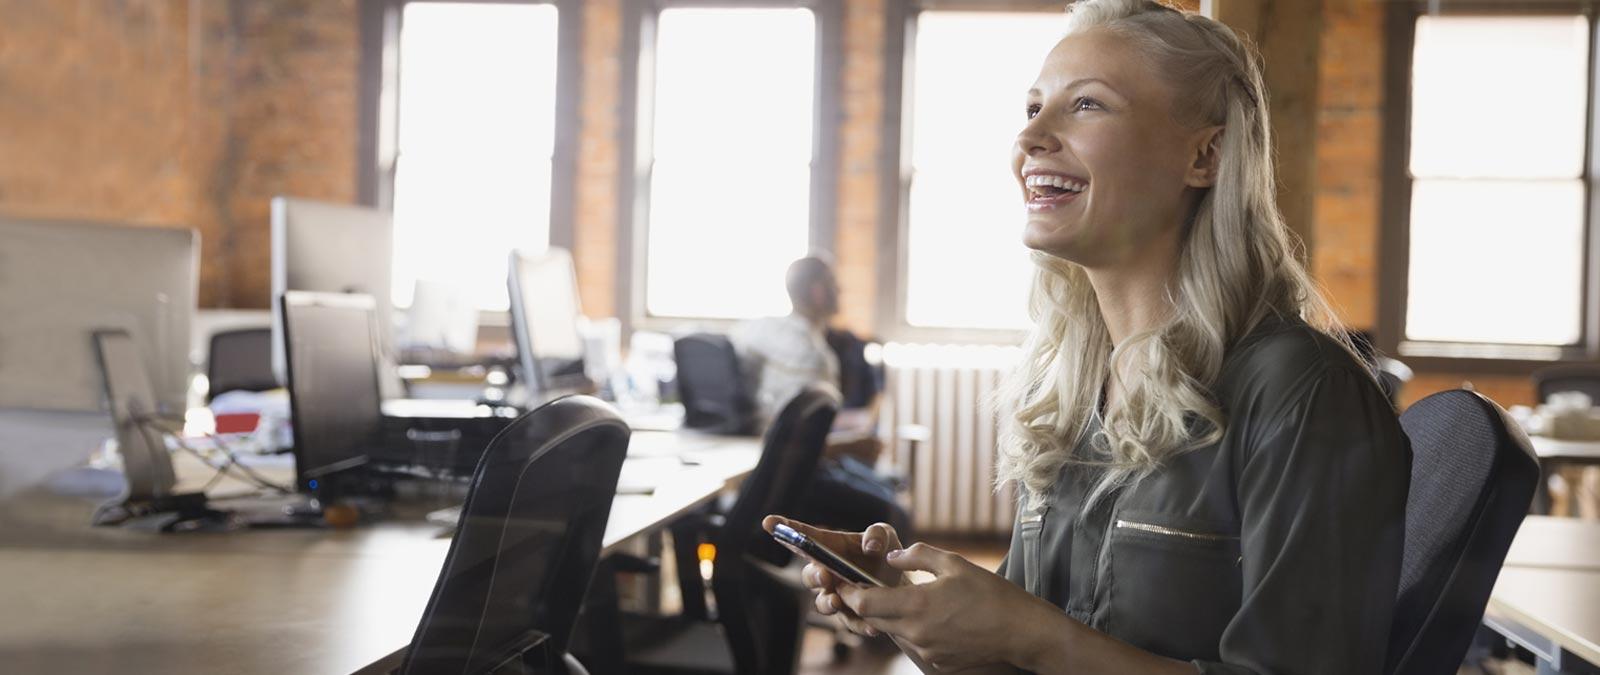 Une femme dans un bureau, utilisant Office365 BusinessEssentials sur un smartphone.